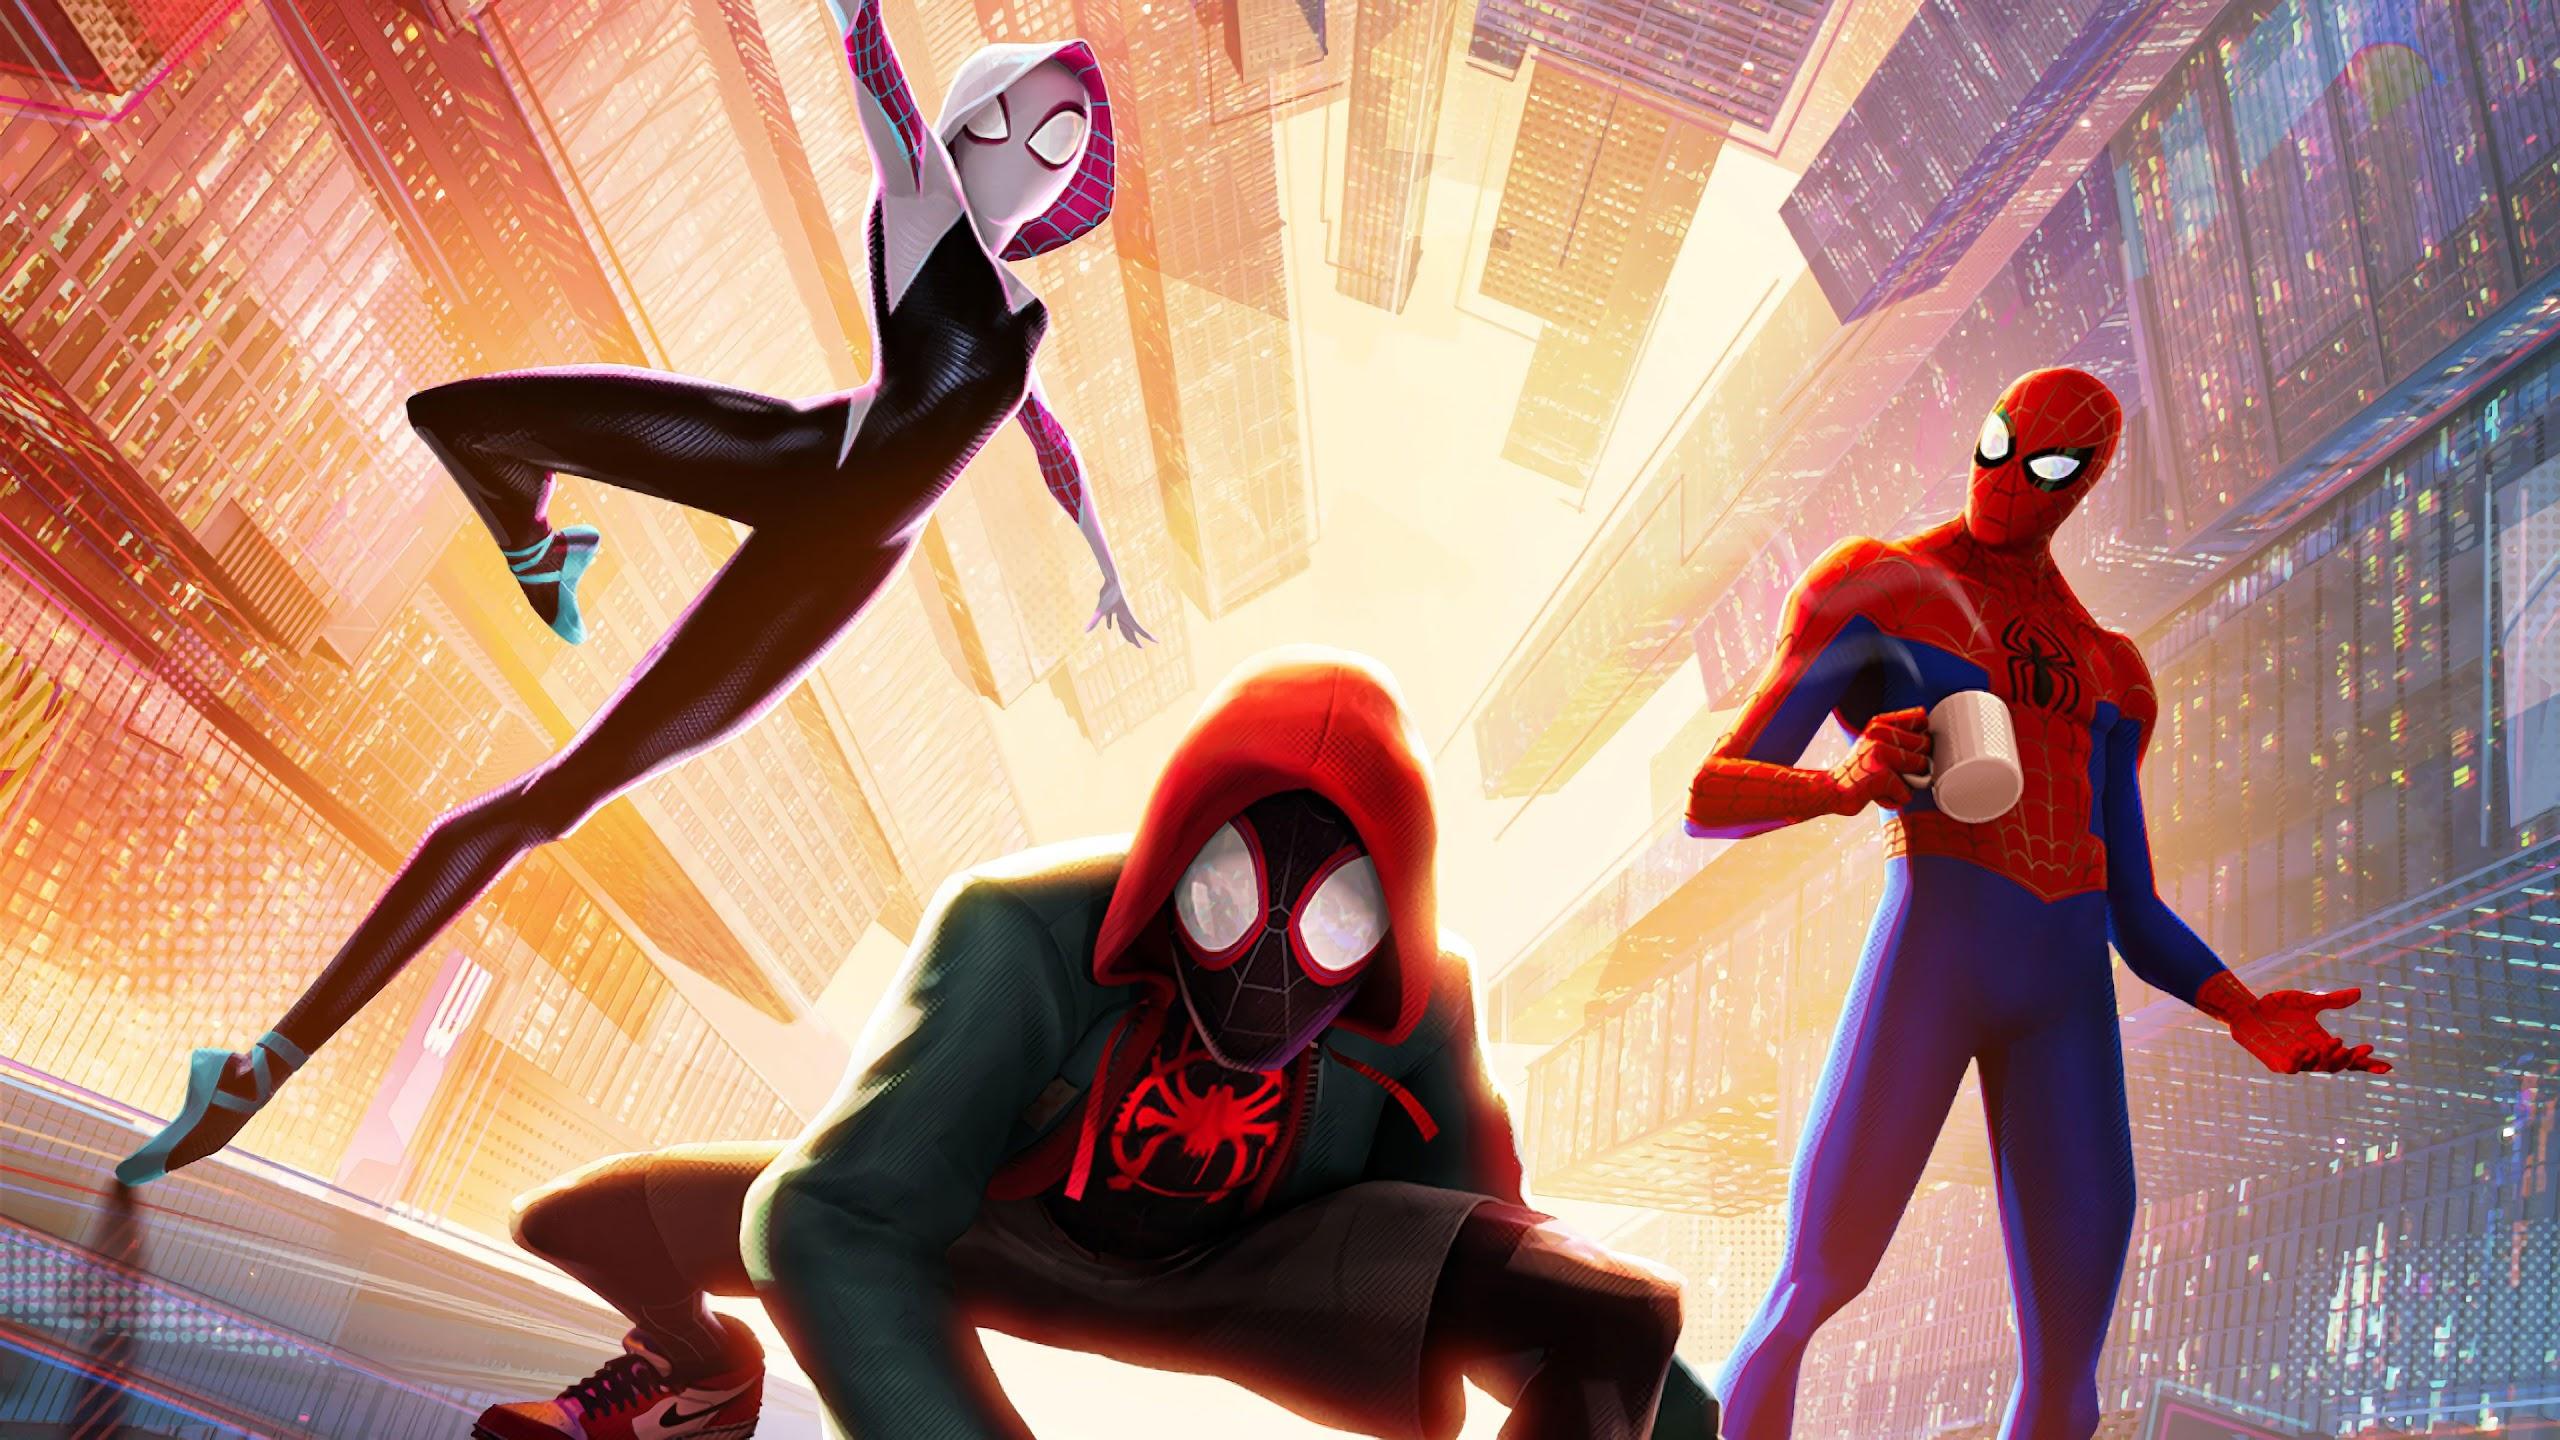 Spider Man Into The Spider Verse 4k 3840x2160 Wallpaper 9